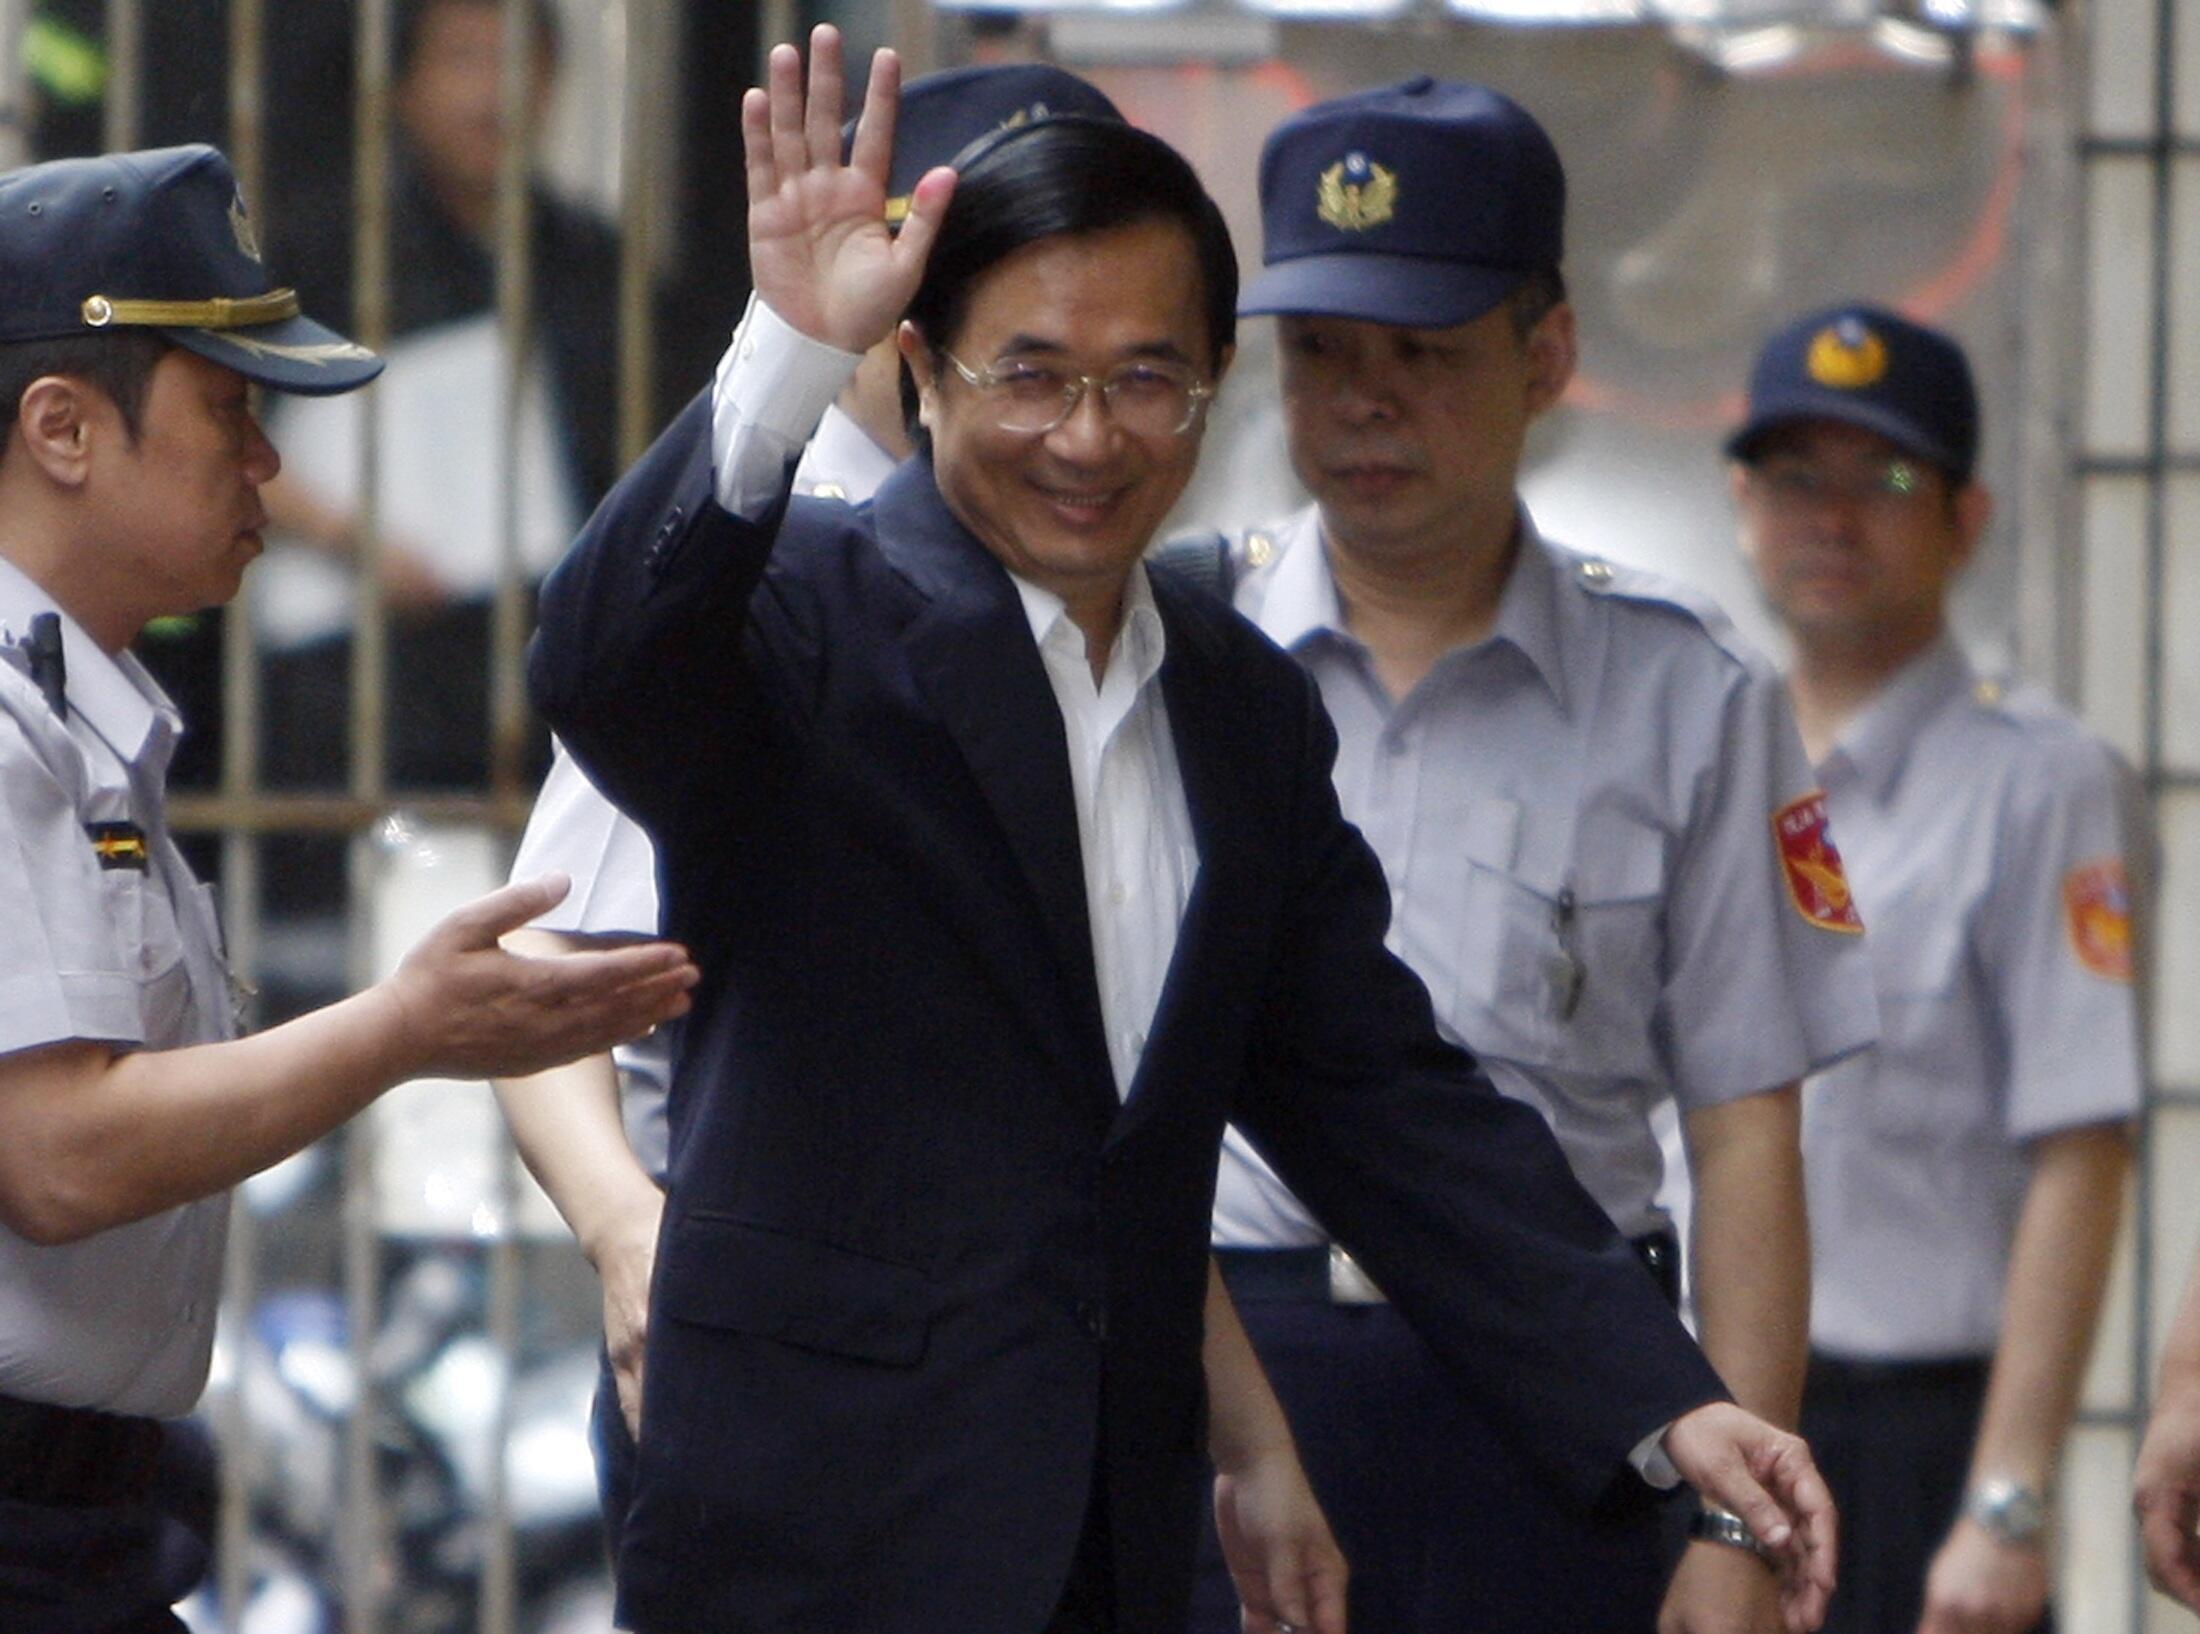 Cựu Tổng thống Đài Loan Trần Thủy Biển vẫy chào những người ủng hộ ông khi đến Tối cao Pháp viện ngày 11/10/2010